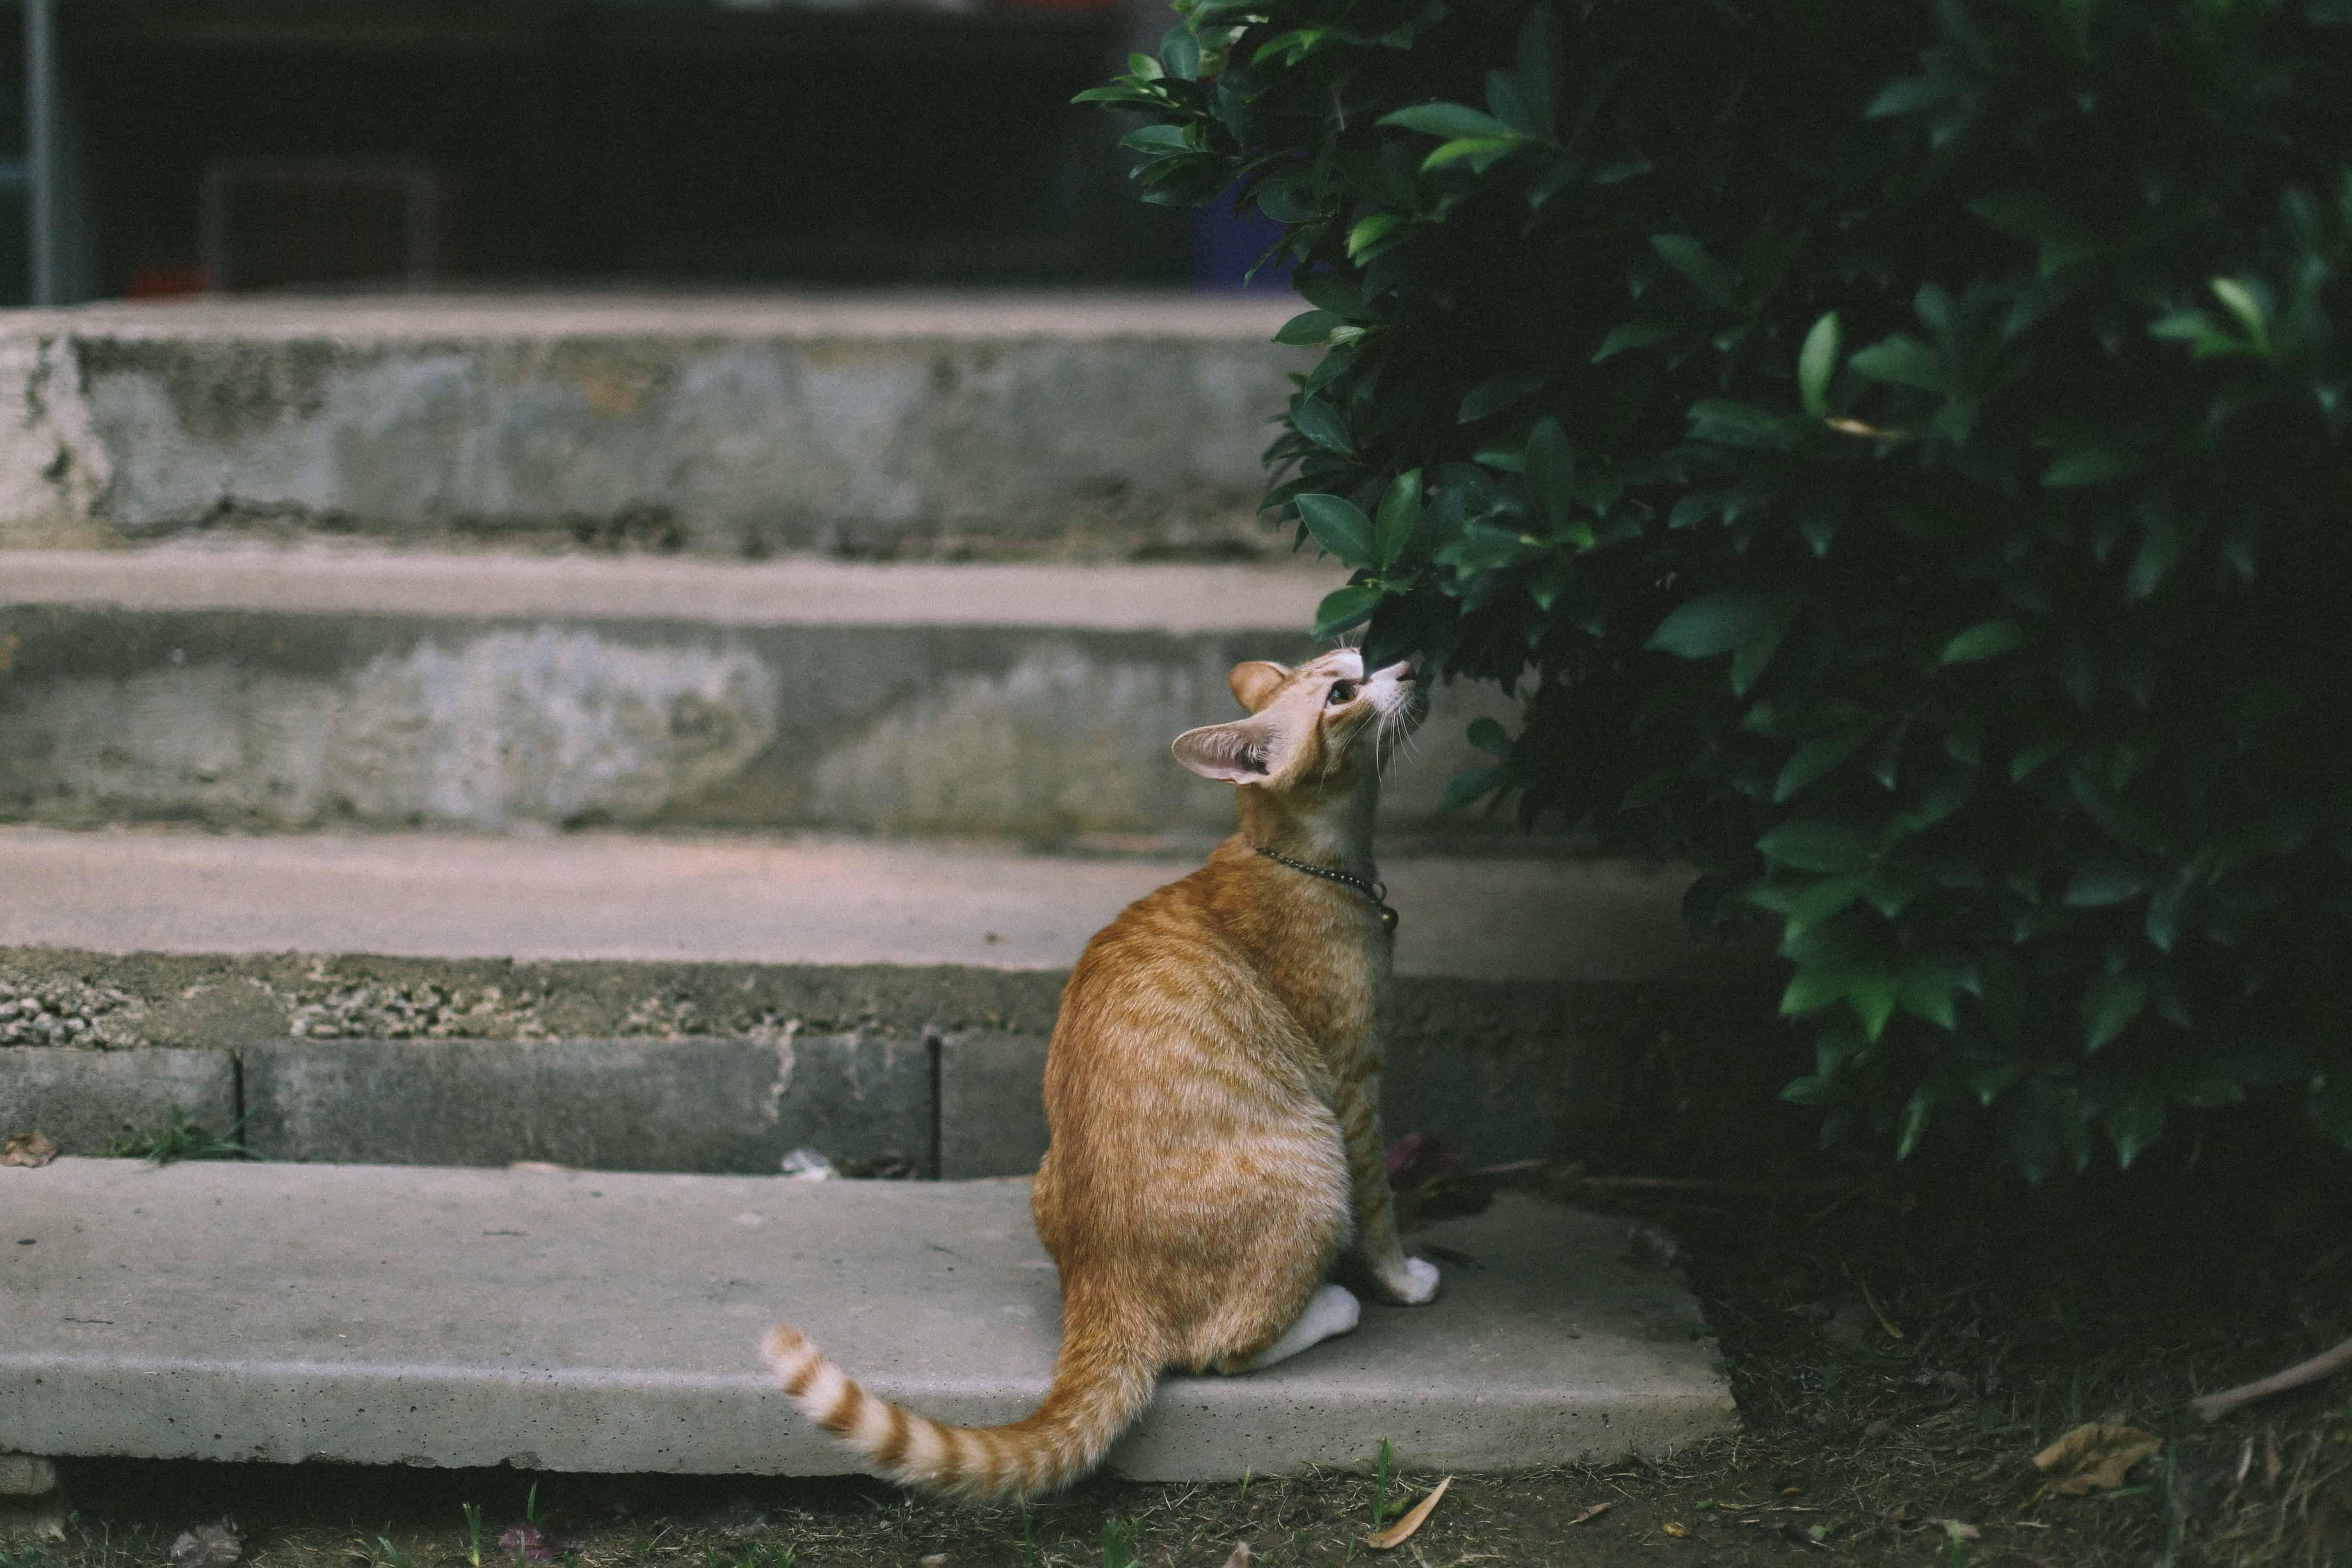 Katzen vertreiben: Wenn schnurrende Fellknäuel zur Plage werden